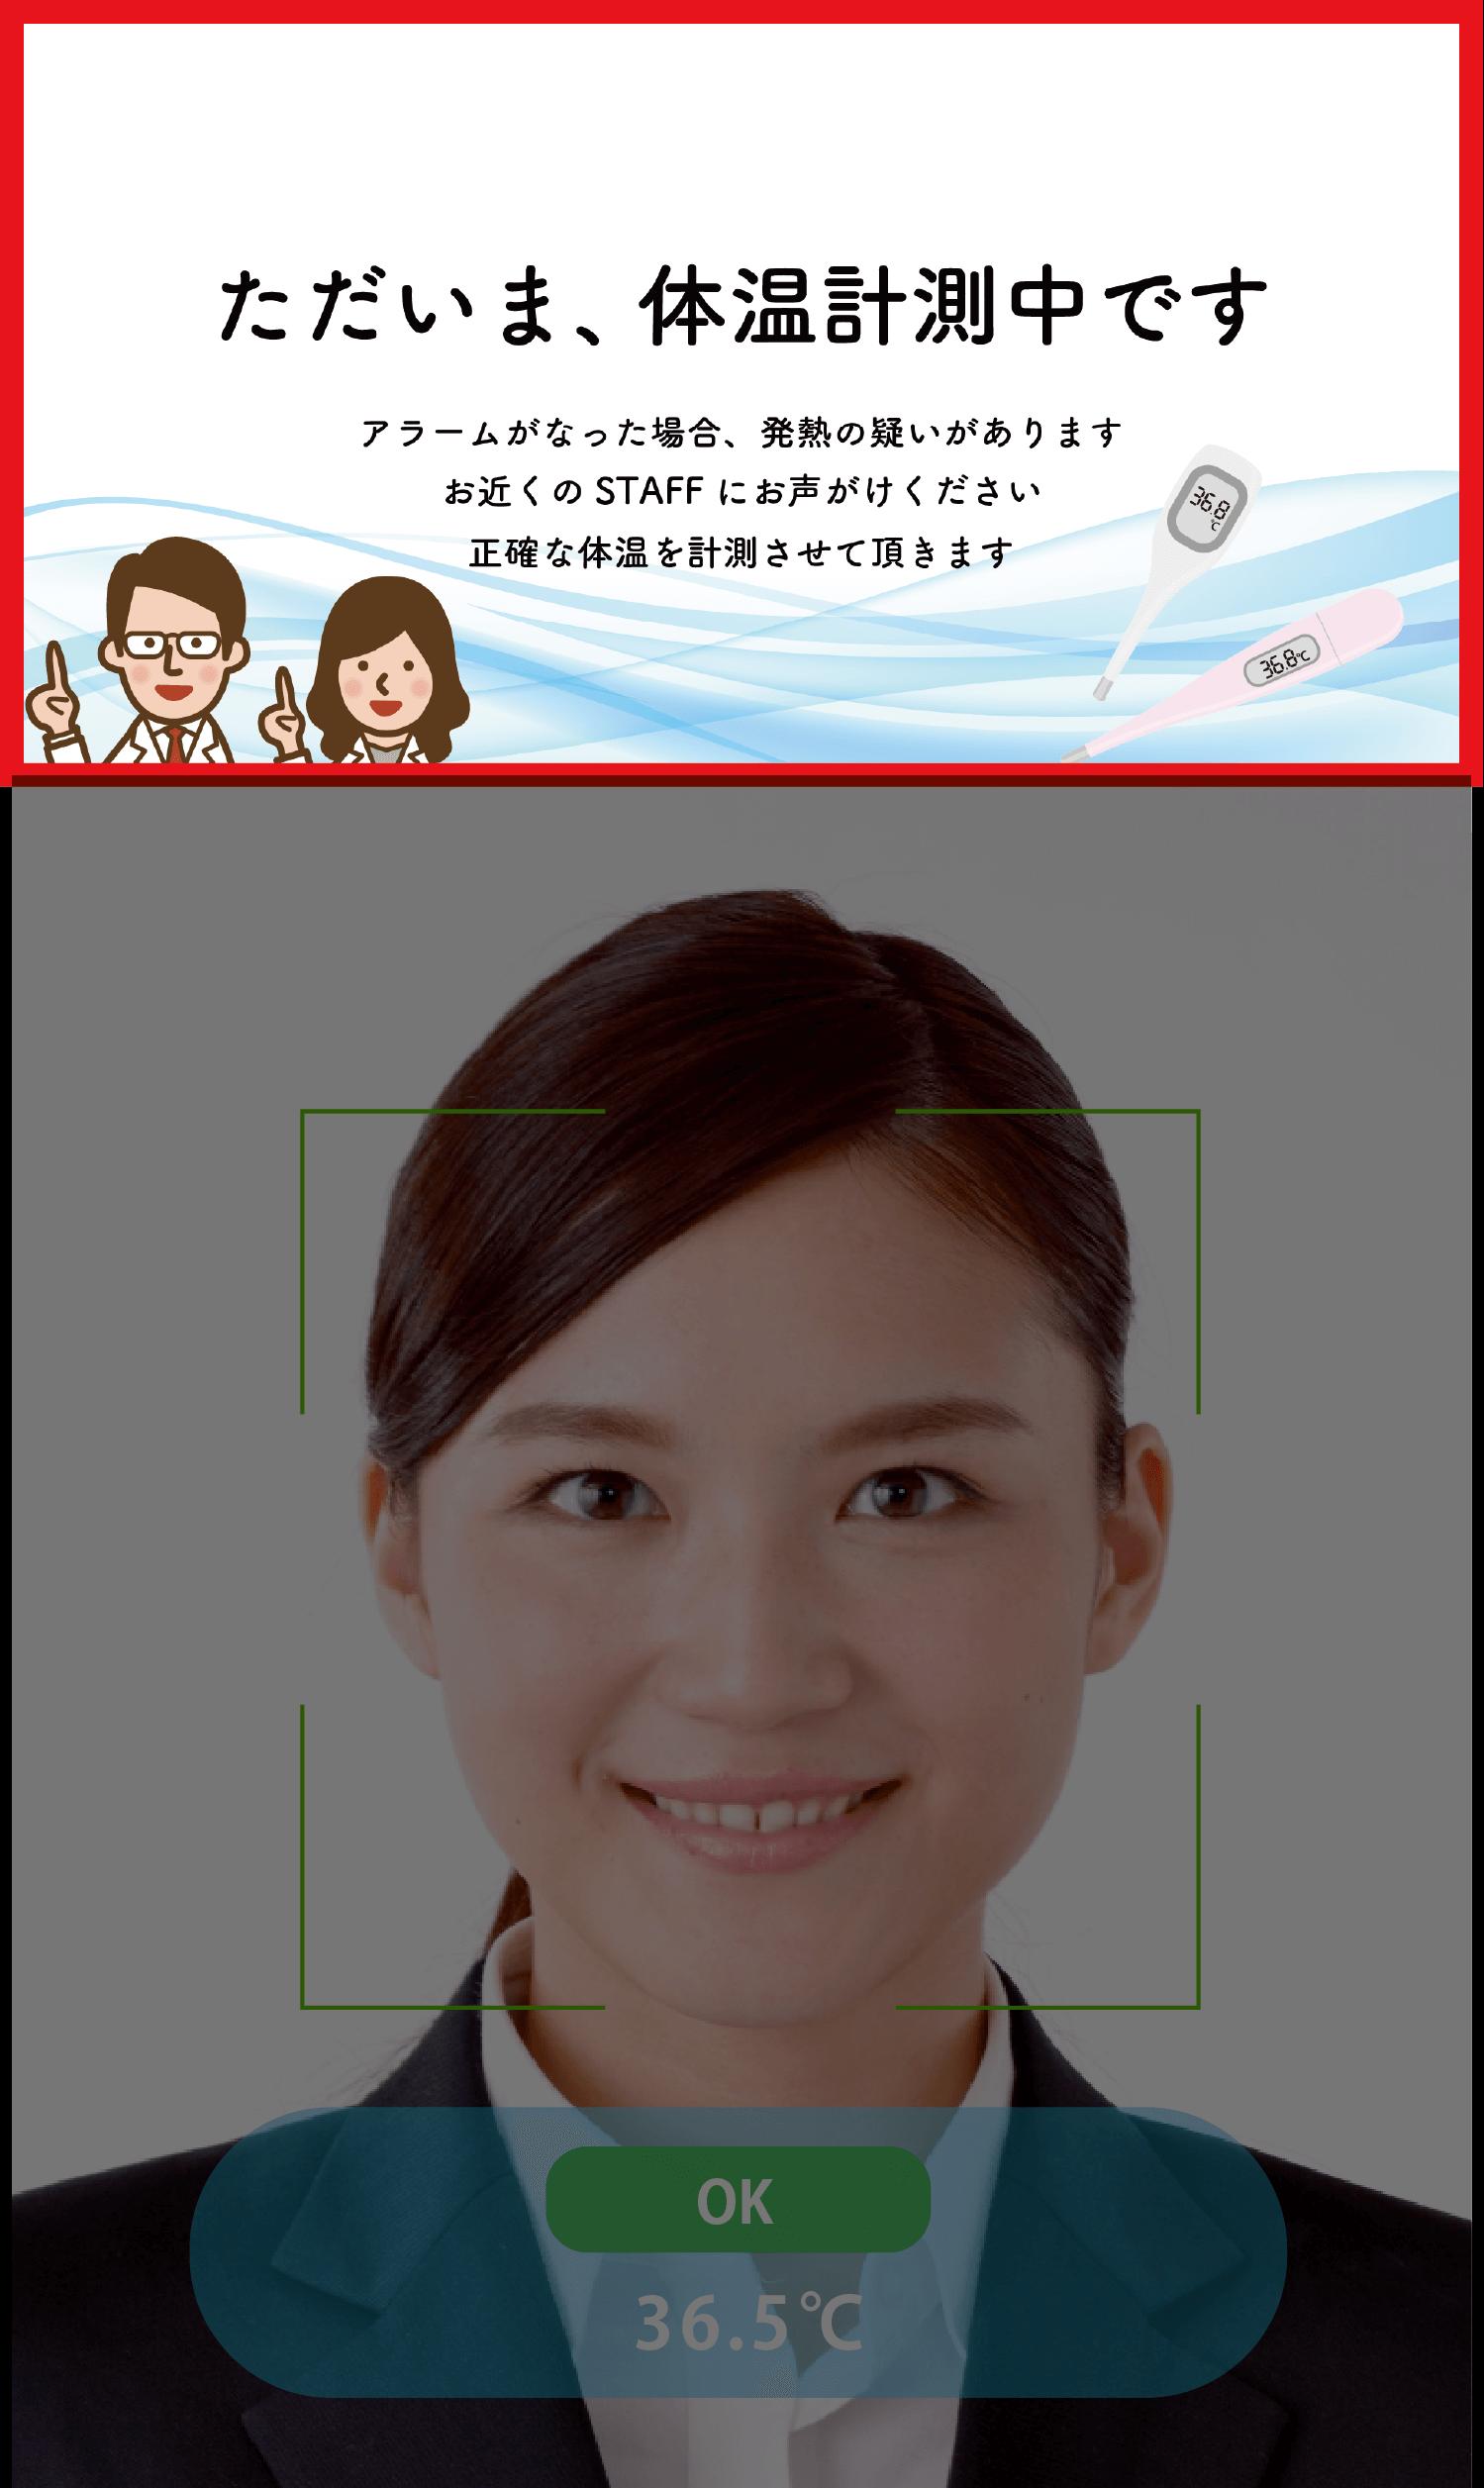 サイネージ表示のイメージ